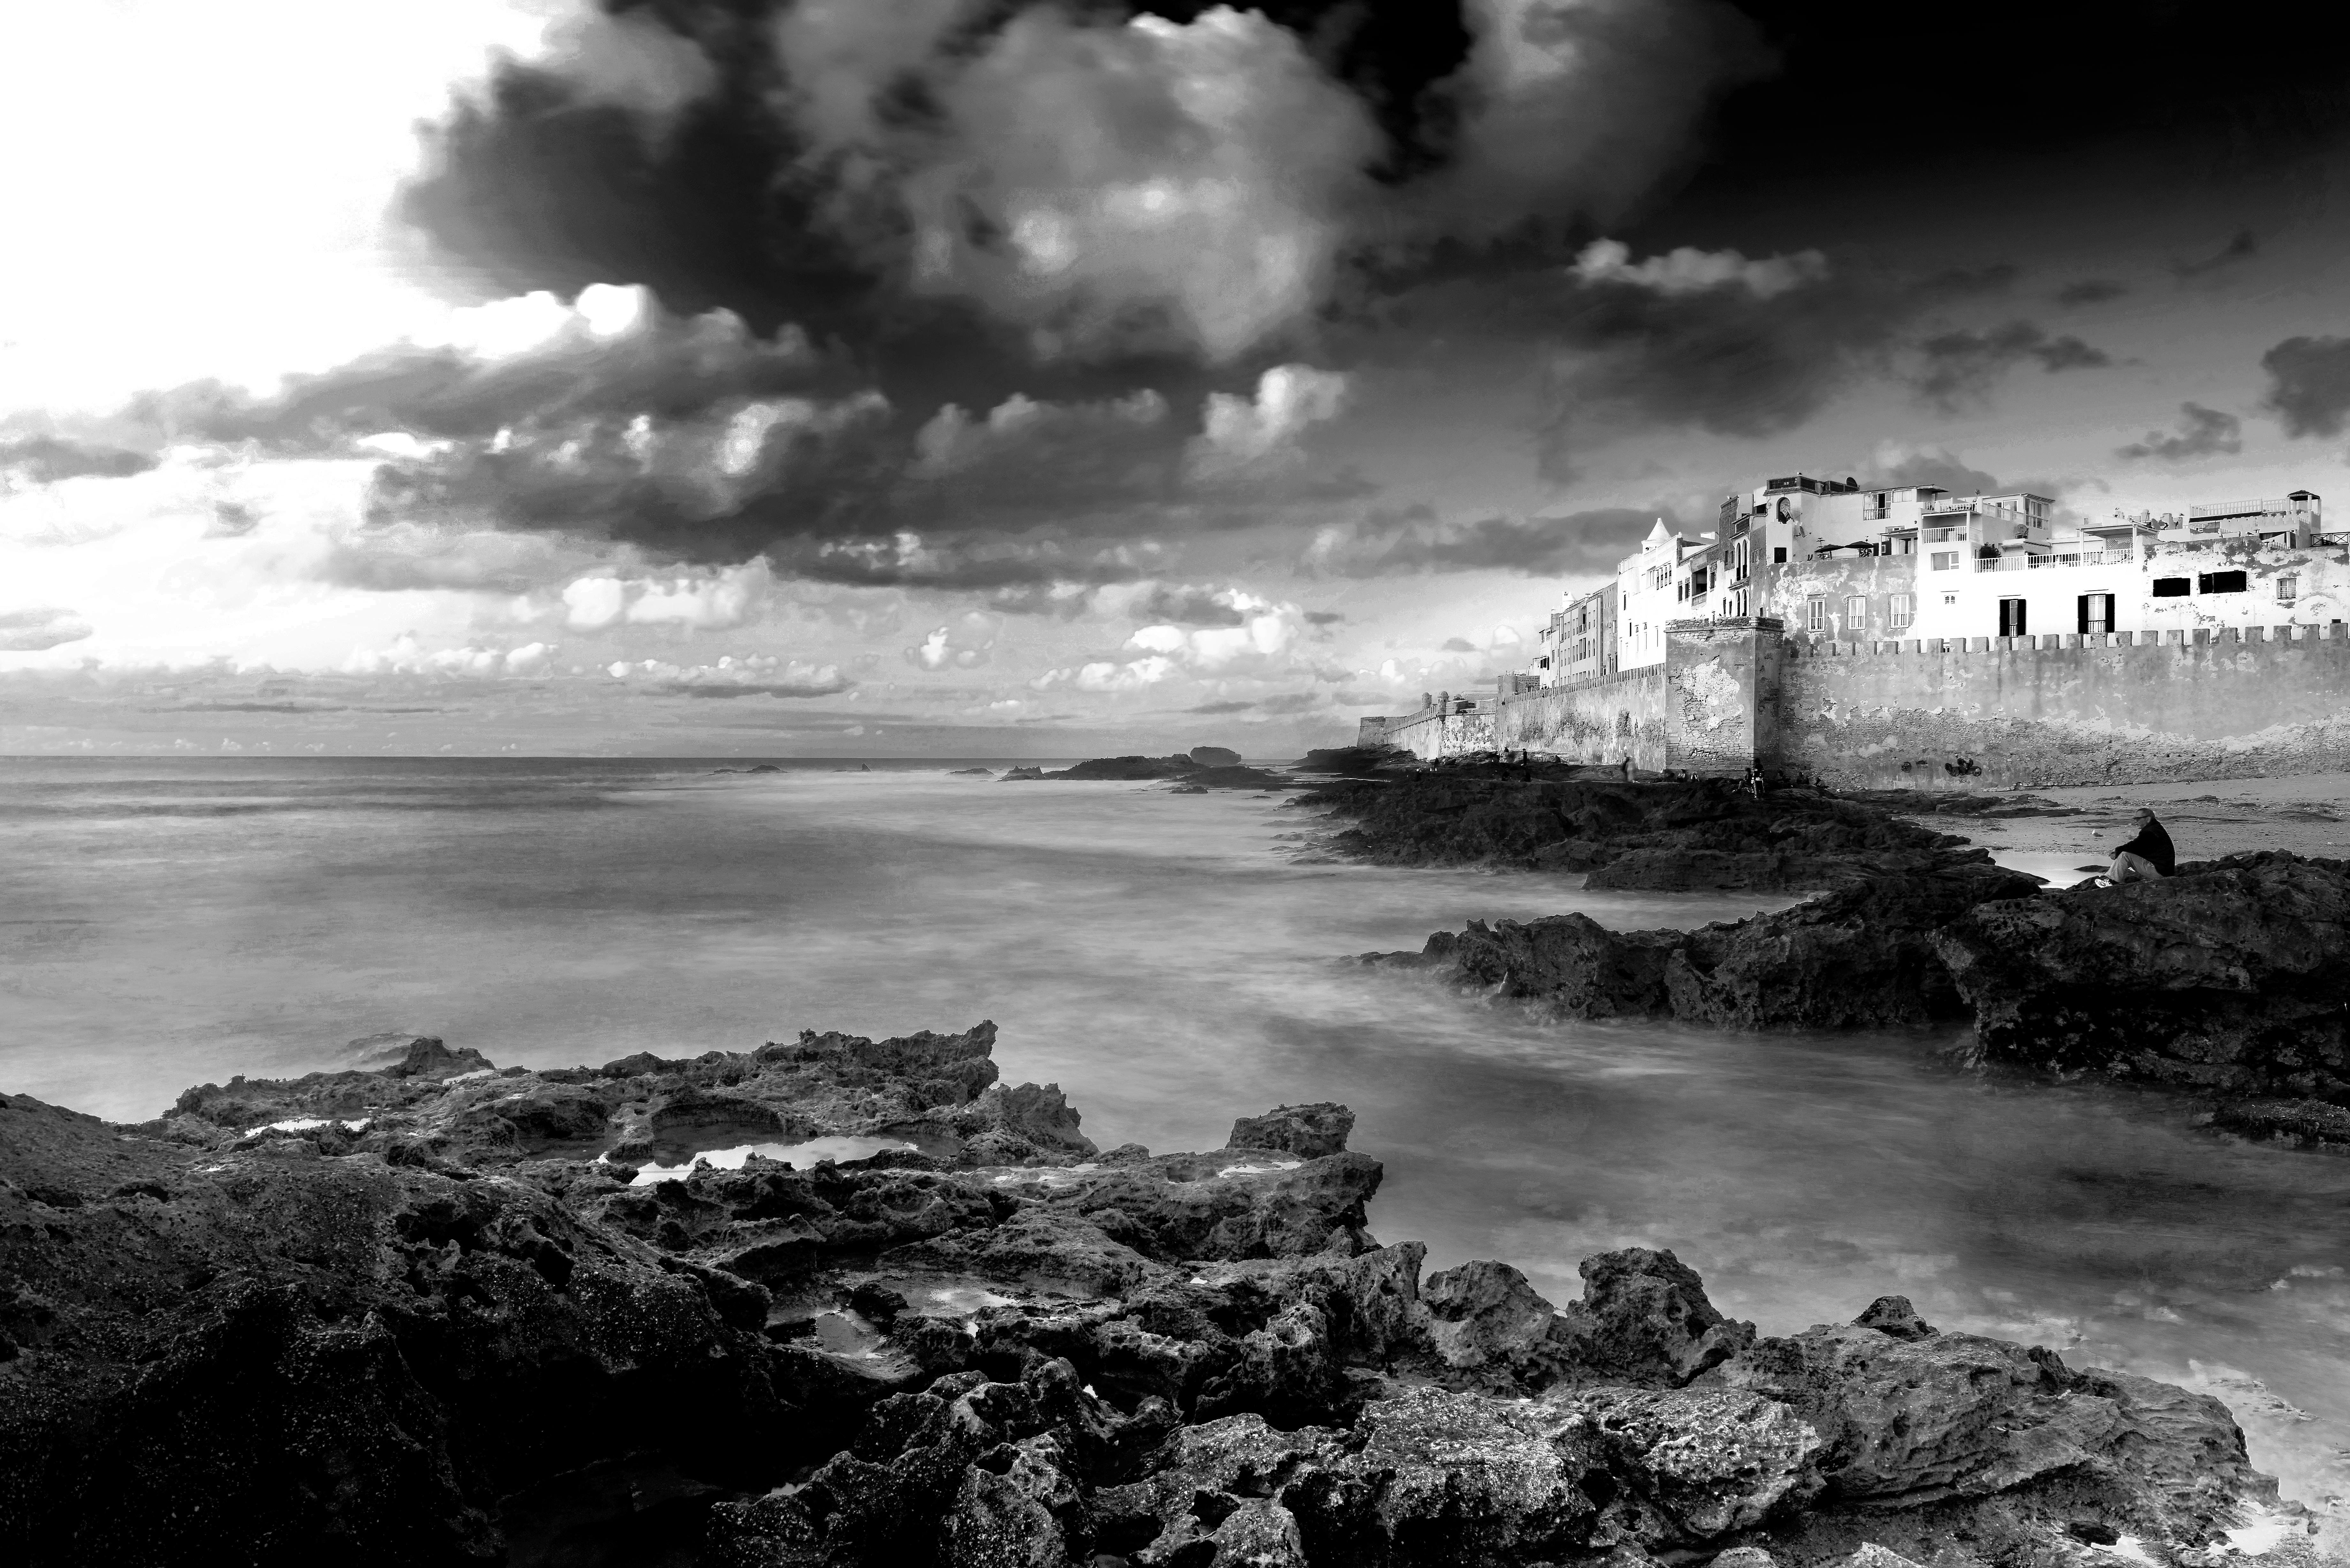 Tramonto sull'Atlantico (Essaouira)